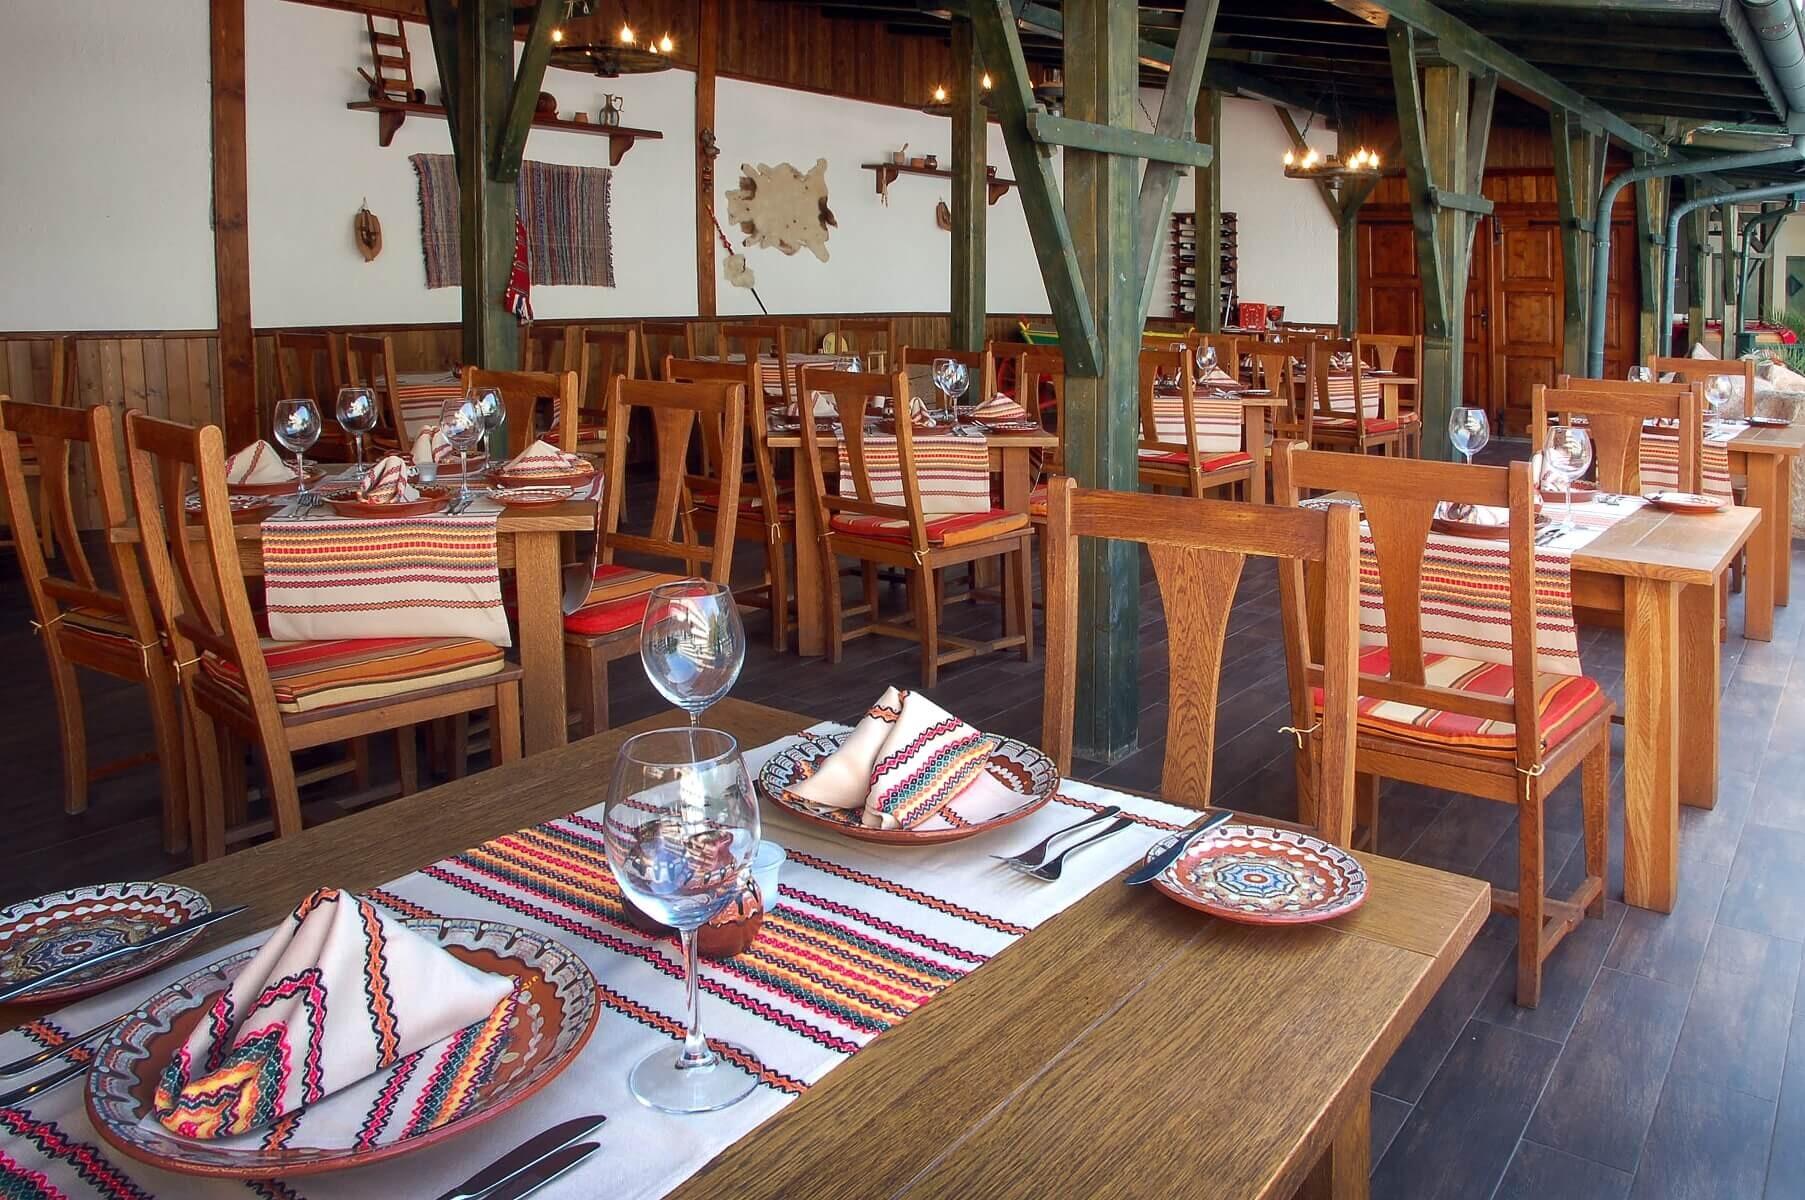 Грифид Хотел Арабела - български ресторант